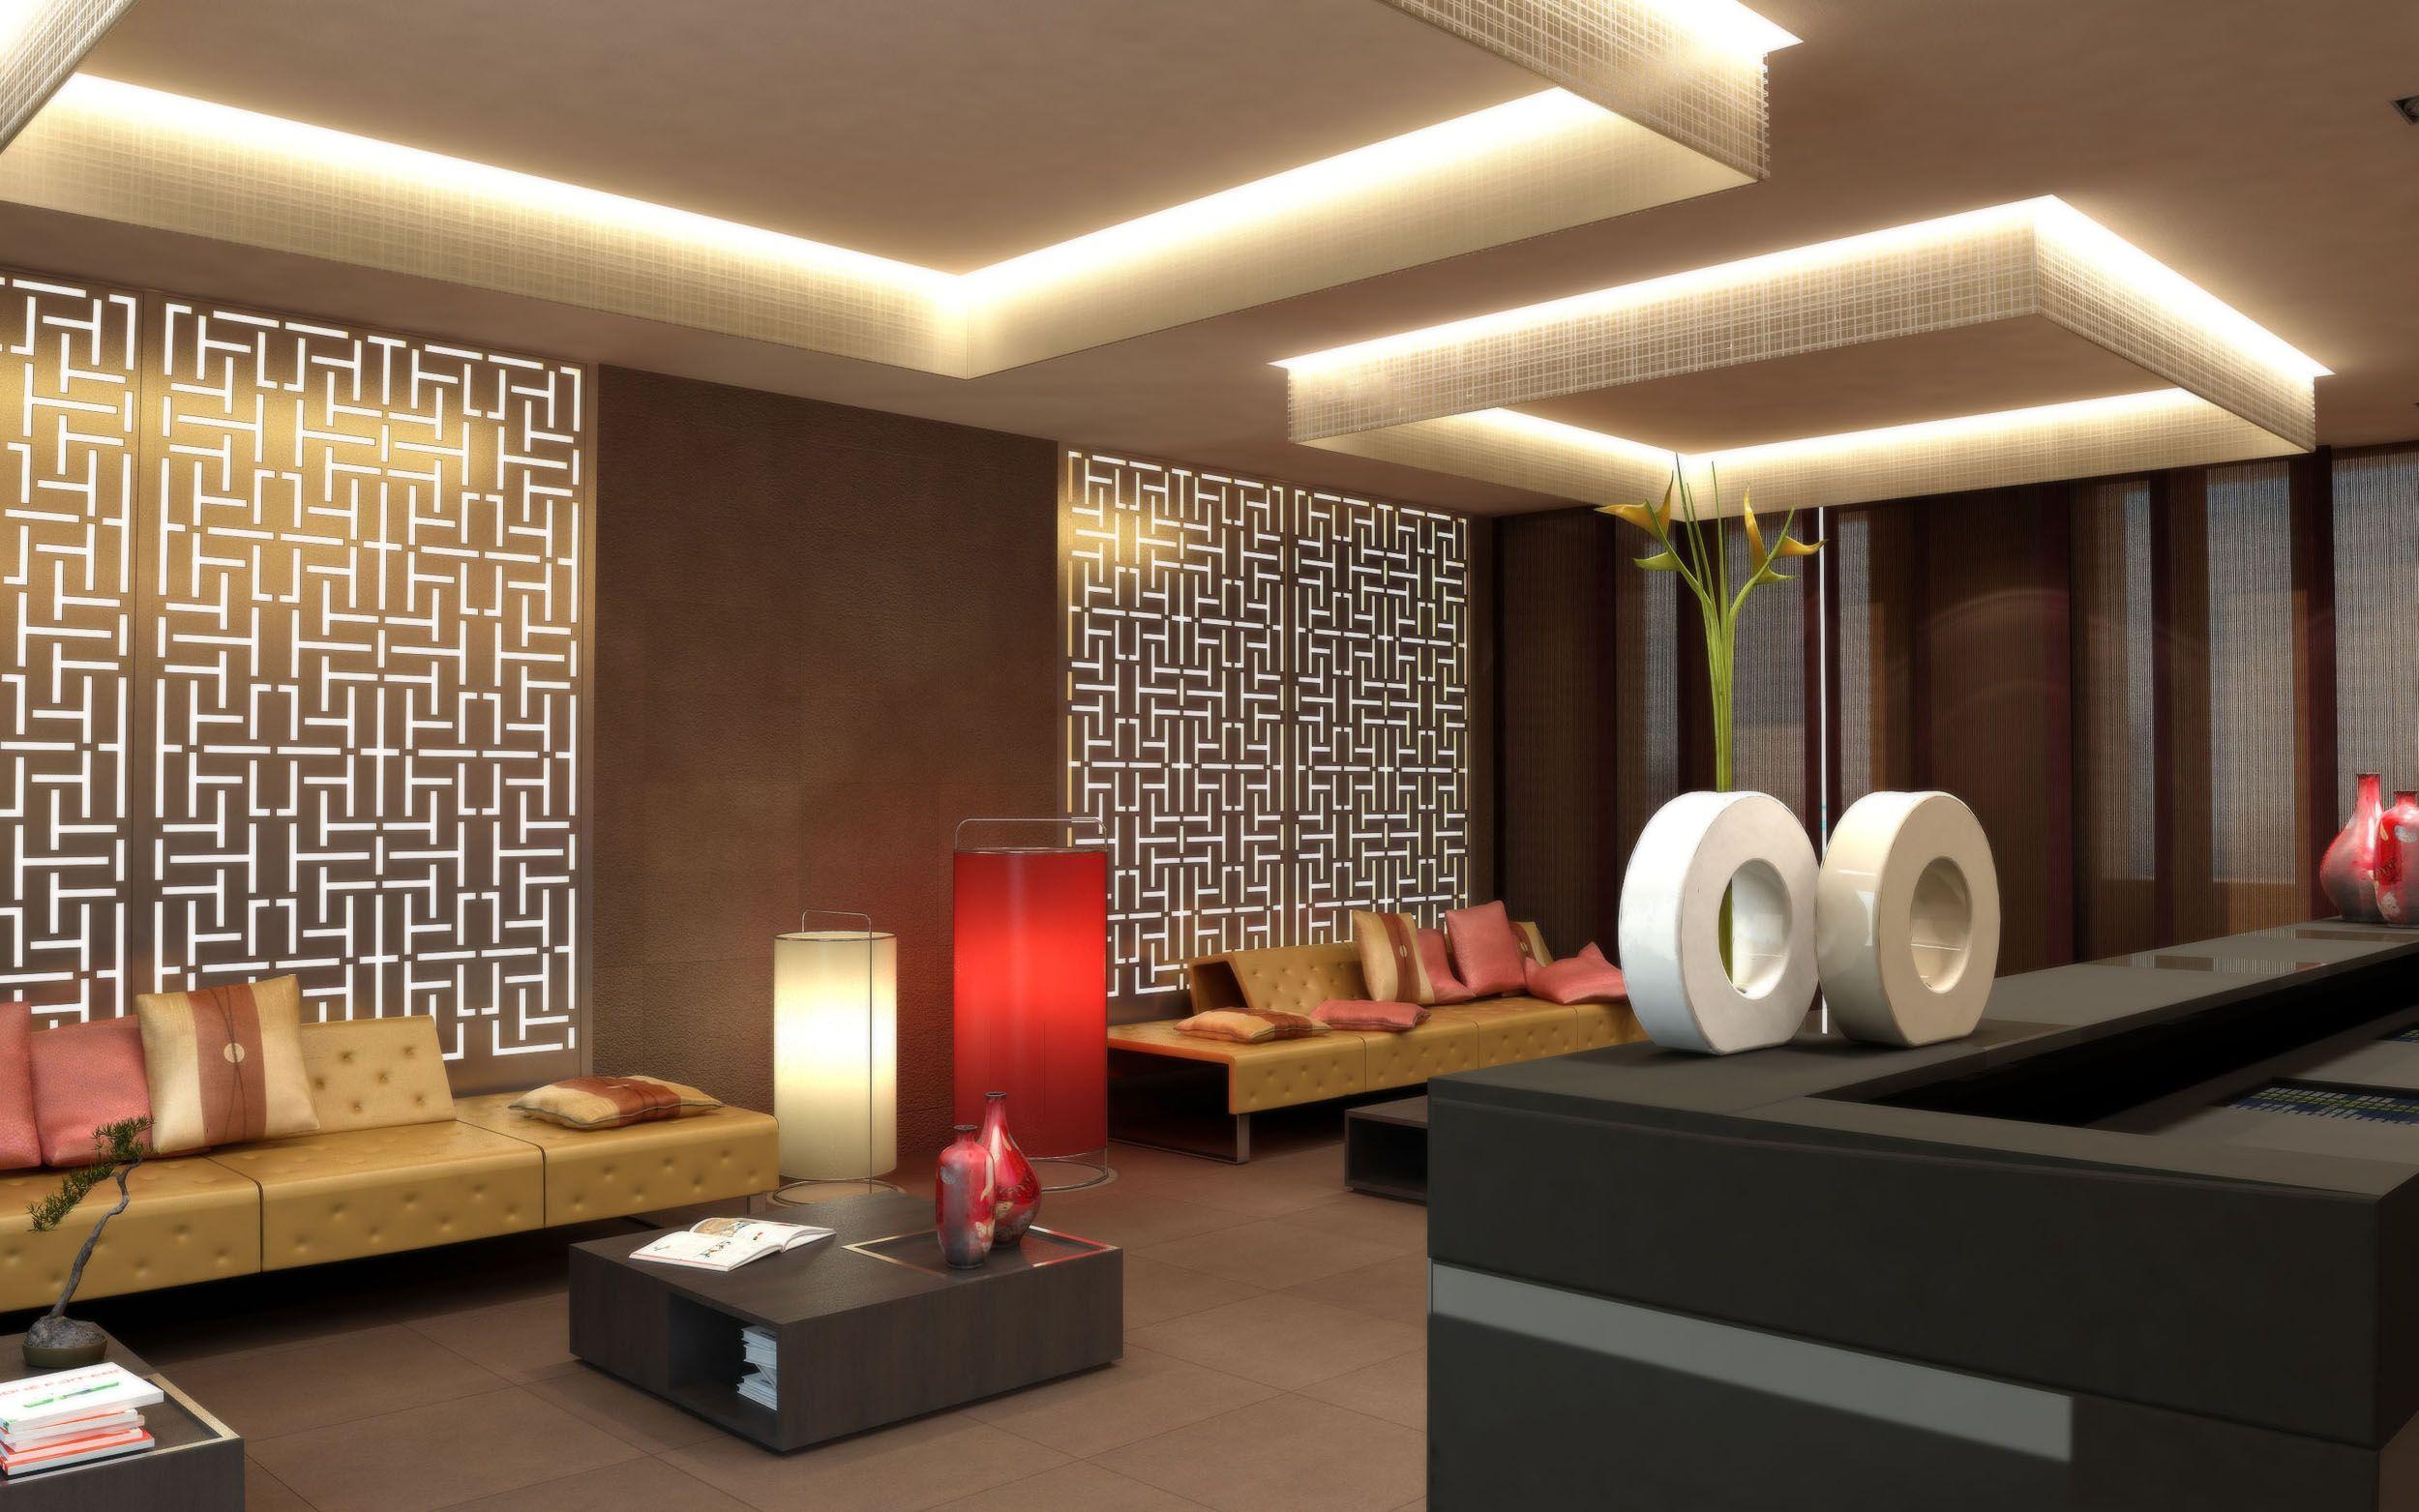 Chinese Interior Design Images  Chinese Interior Design